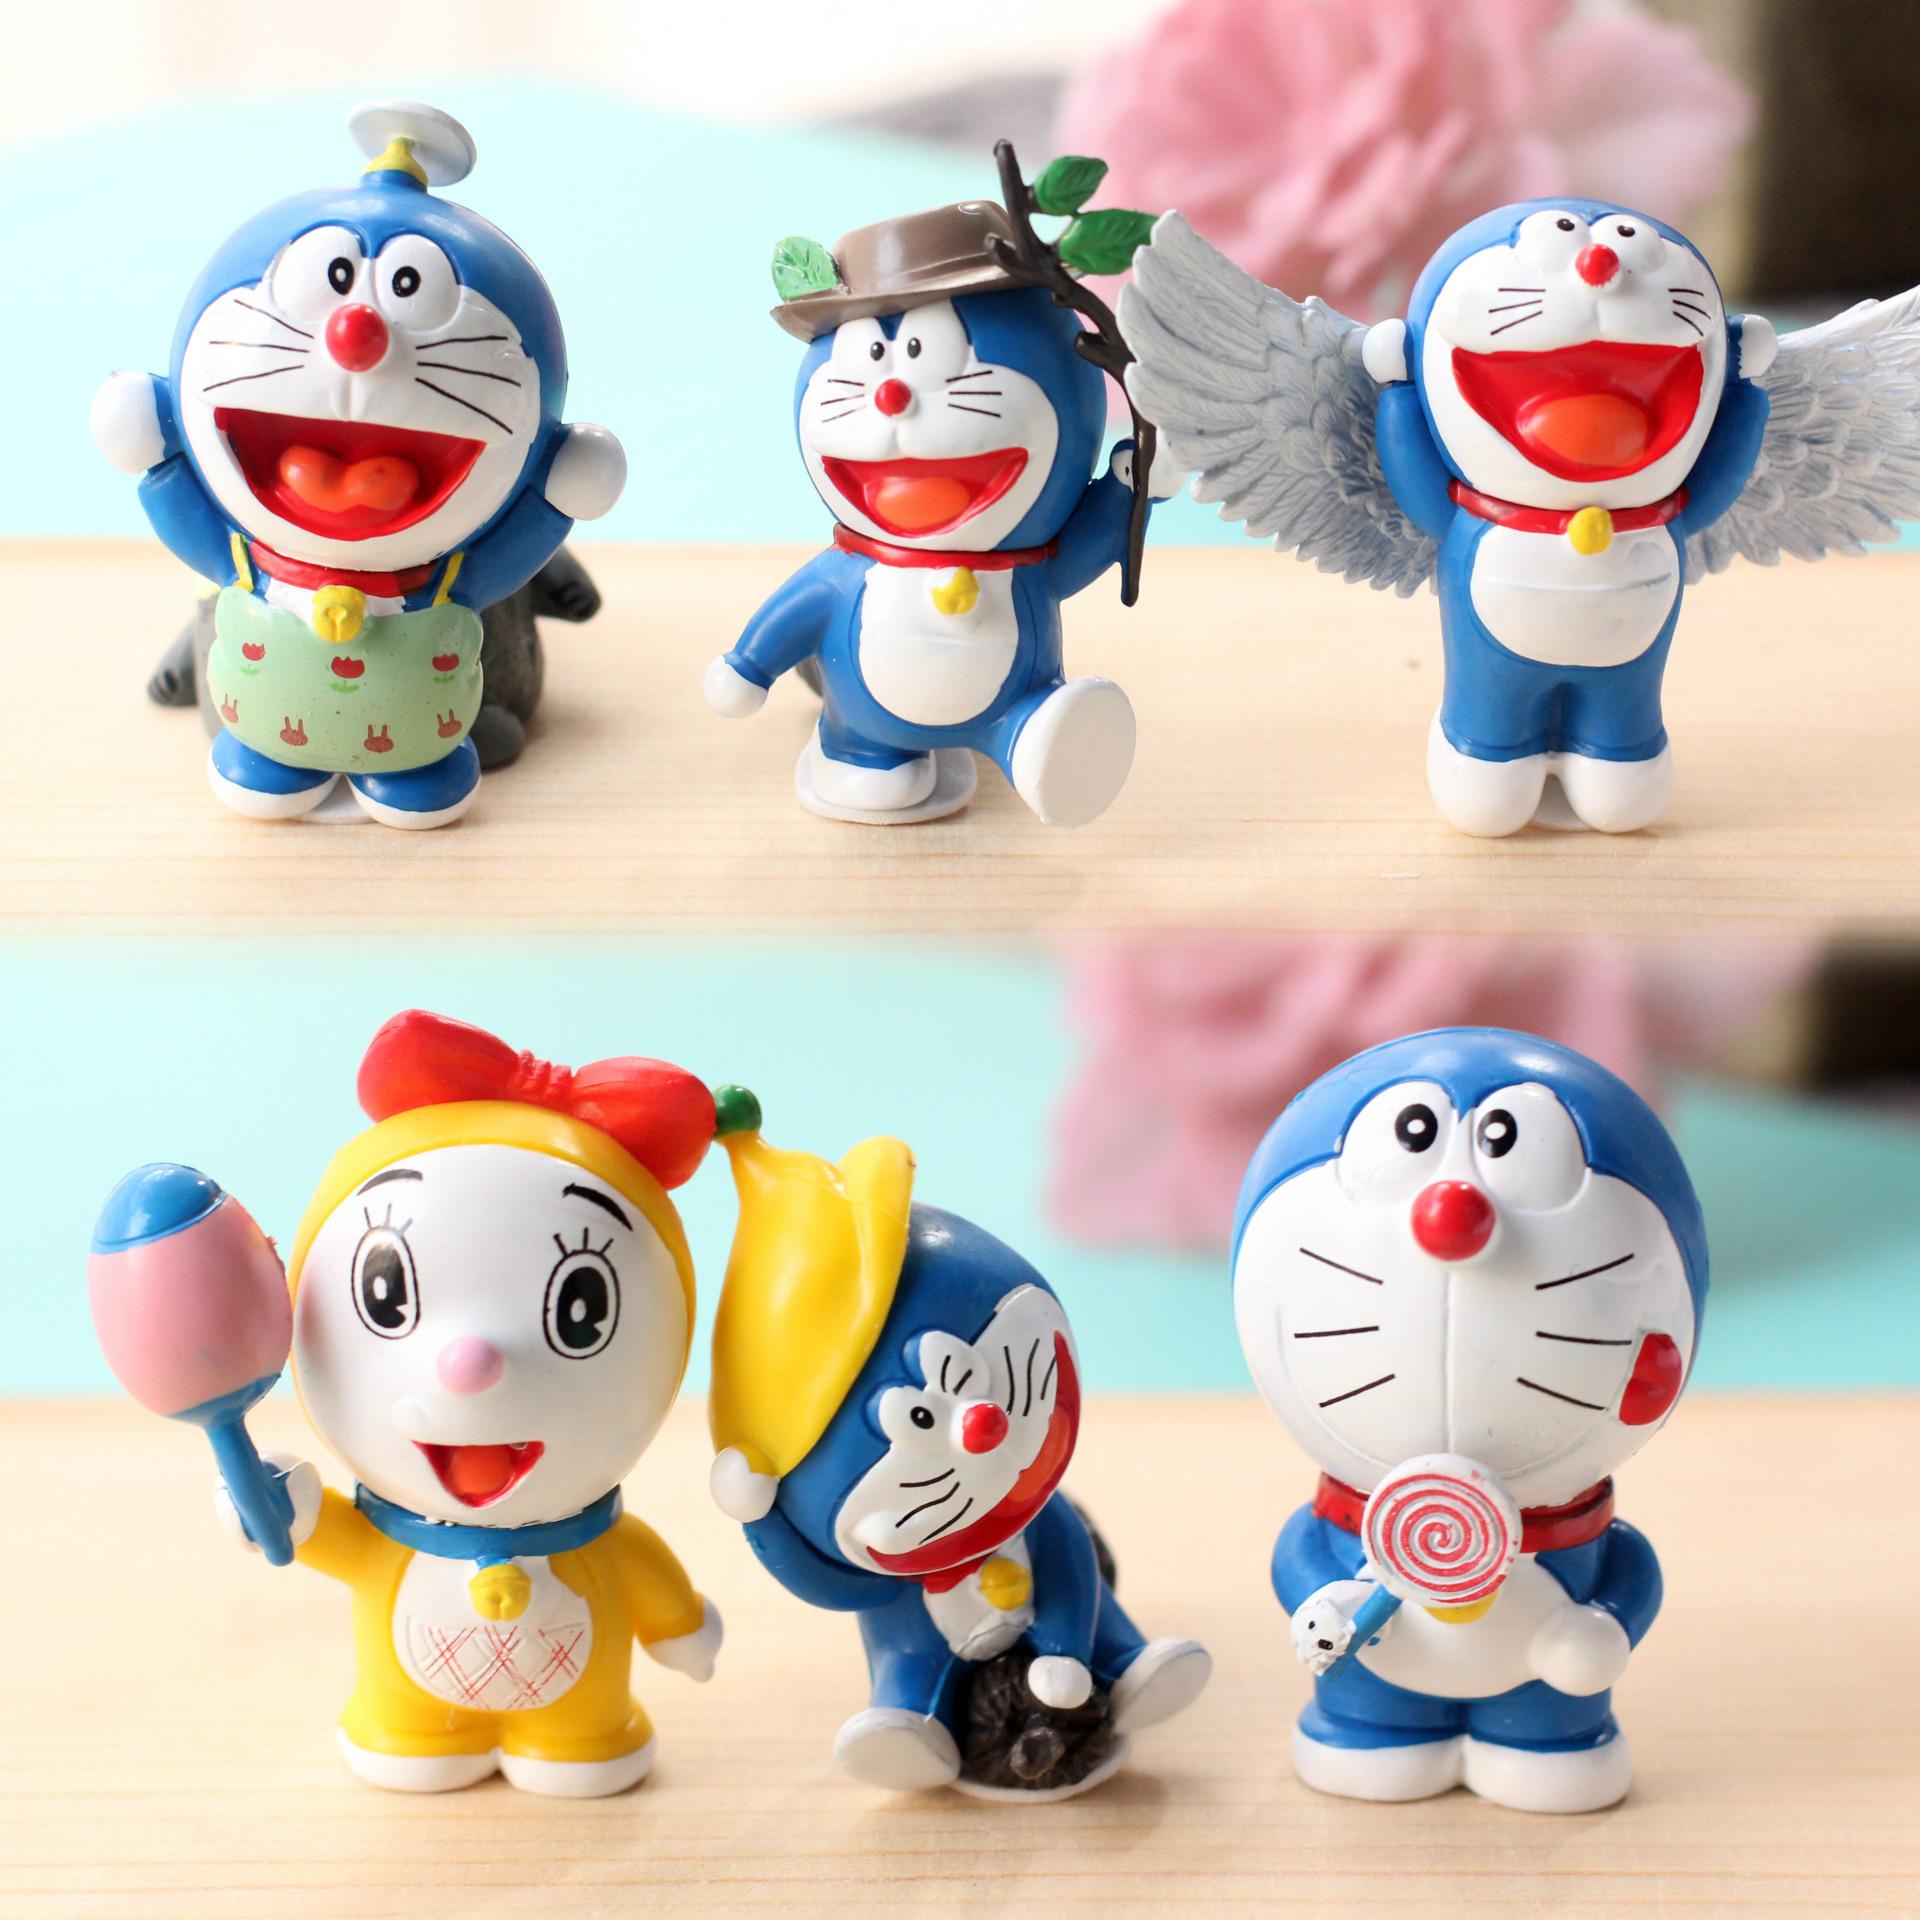 QQ抢红包群号多少周边哆啦A梦机器猫手办公仔玩具玩偶模型汽车6个摆件节日礼物